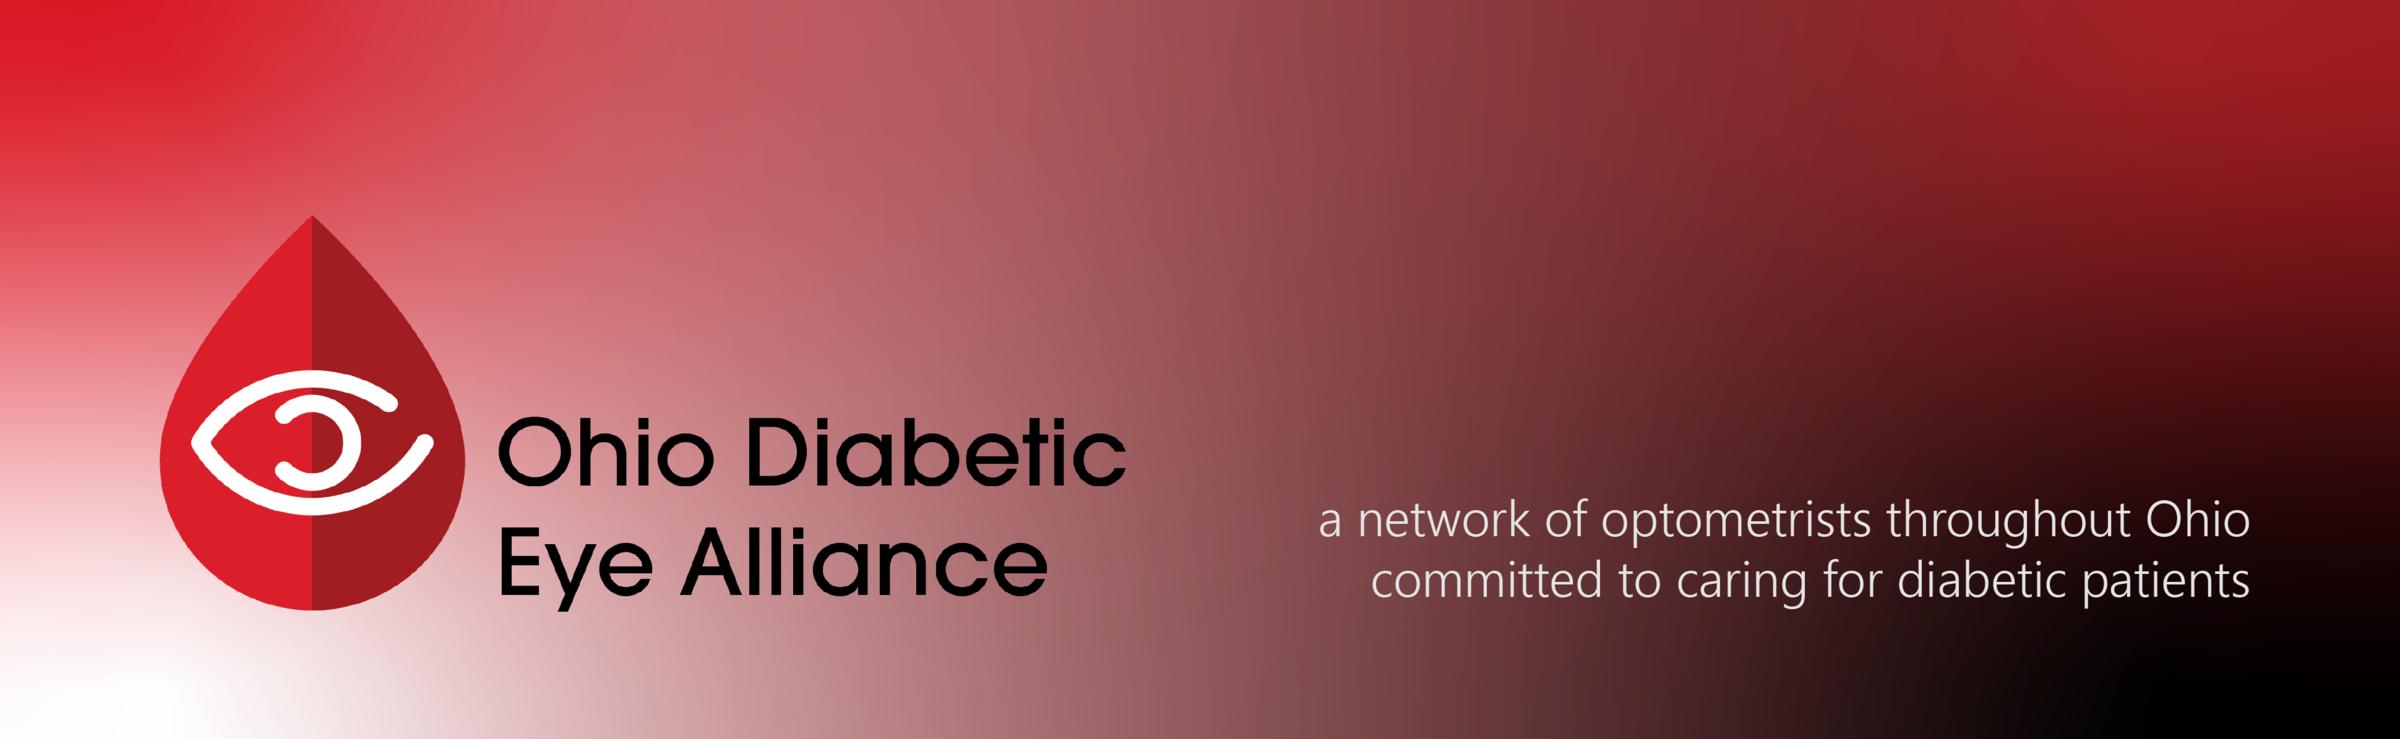 Ohio Diabetic Eye Alliance